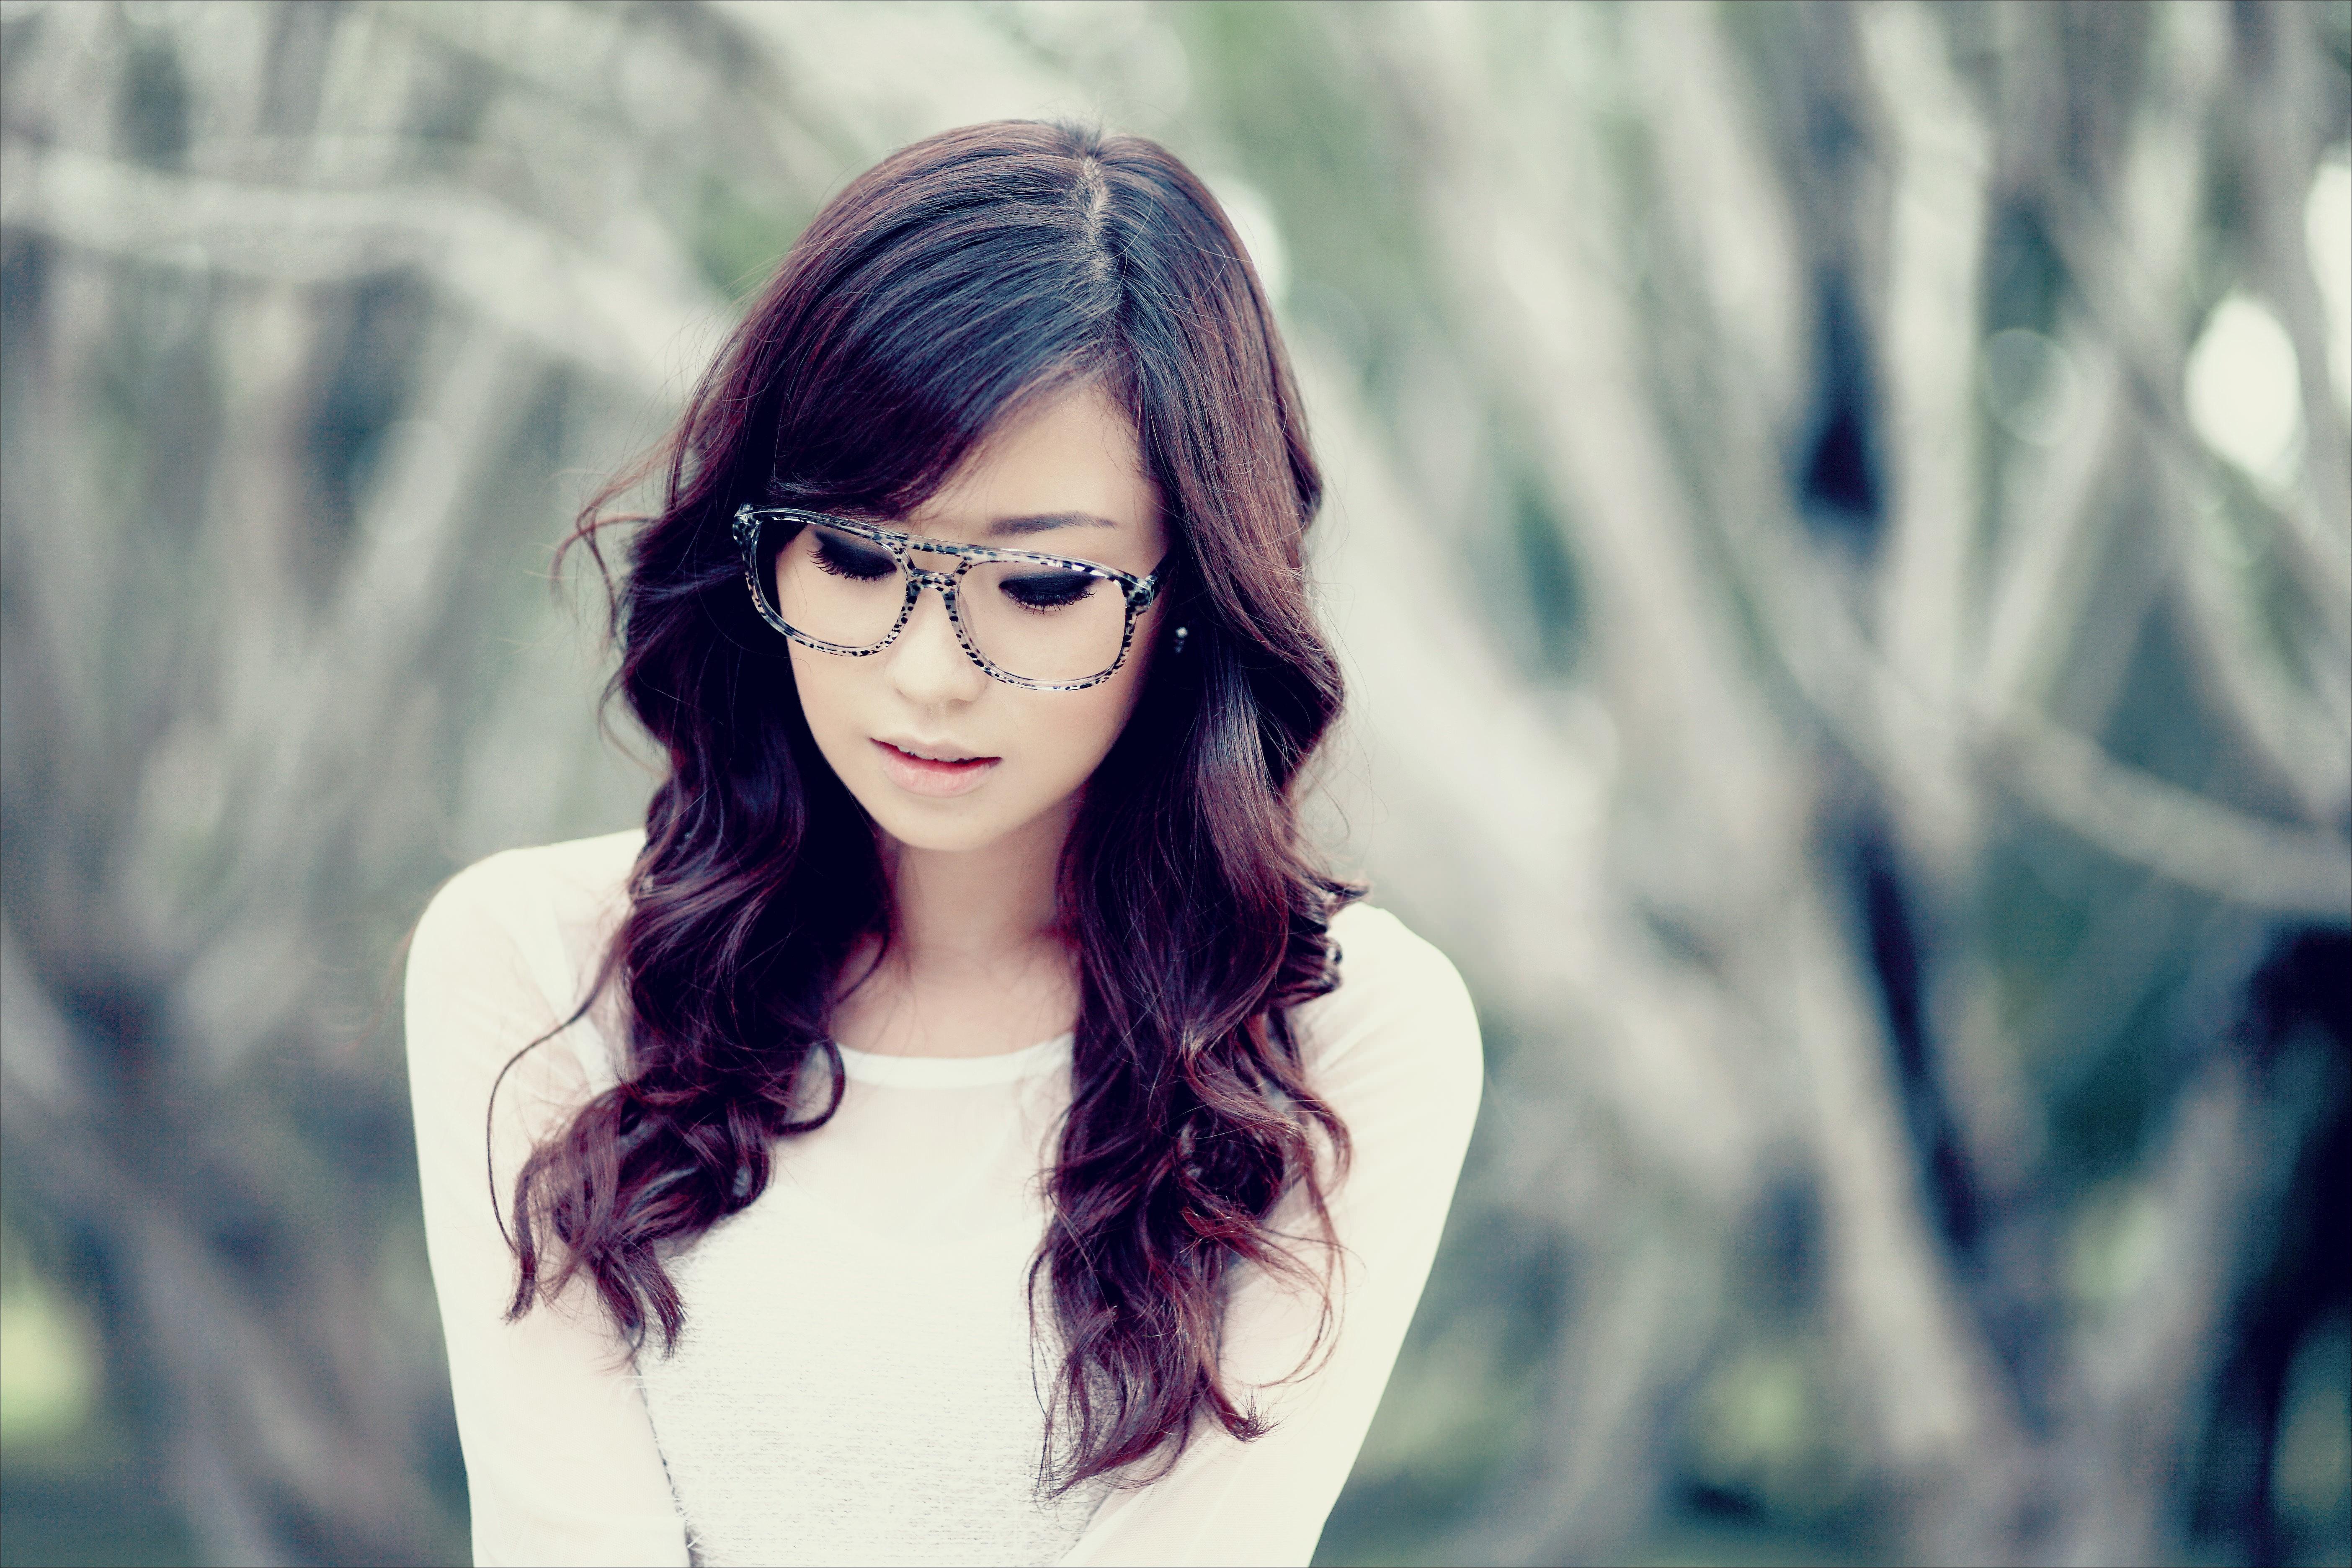 Wallpaper Women Model Long Hair Asian Singer Blue: Wallpaper : Face, Model, Long Hair, Women With Glasses